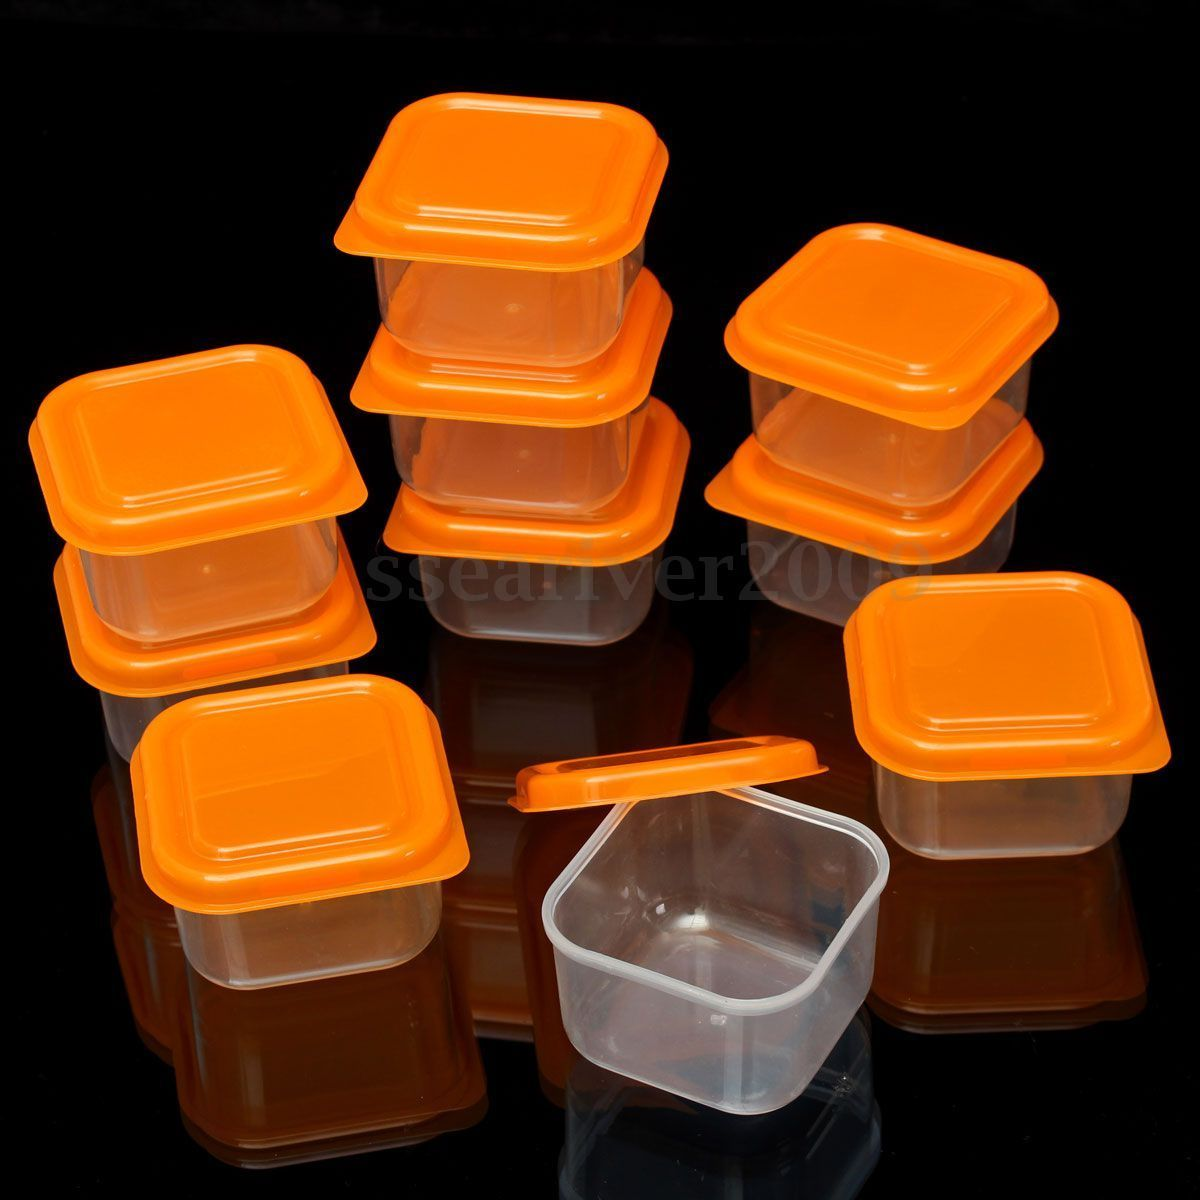 קופסאות קטנות למזון